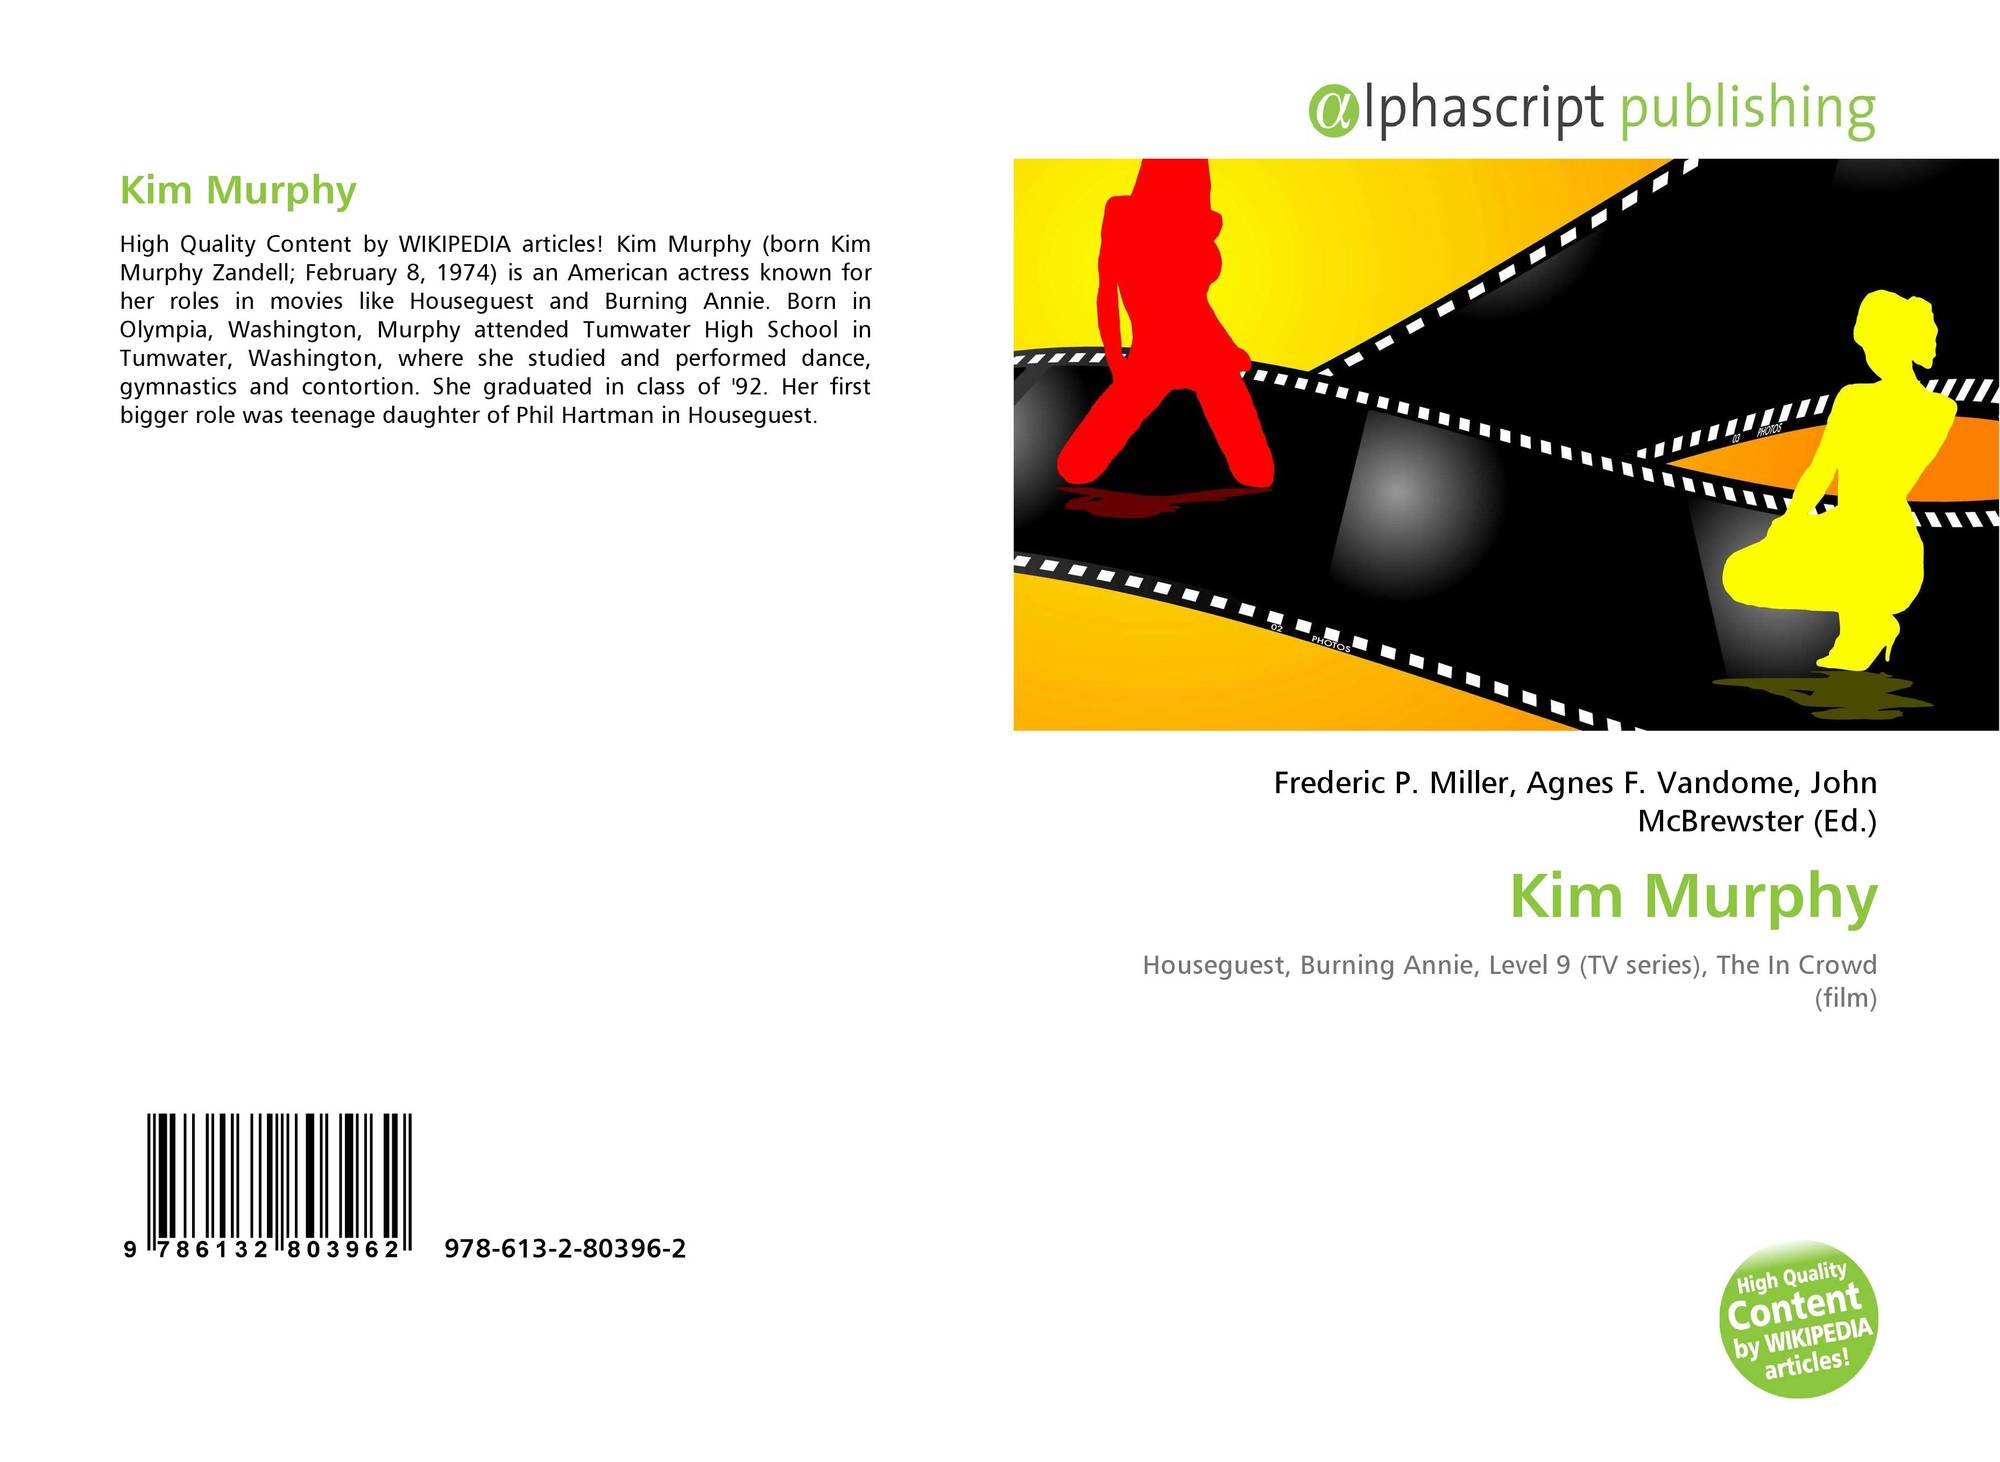 Kim Murphy, 978-613-2-80396-2, 6132803963 ,9786132803962